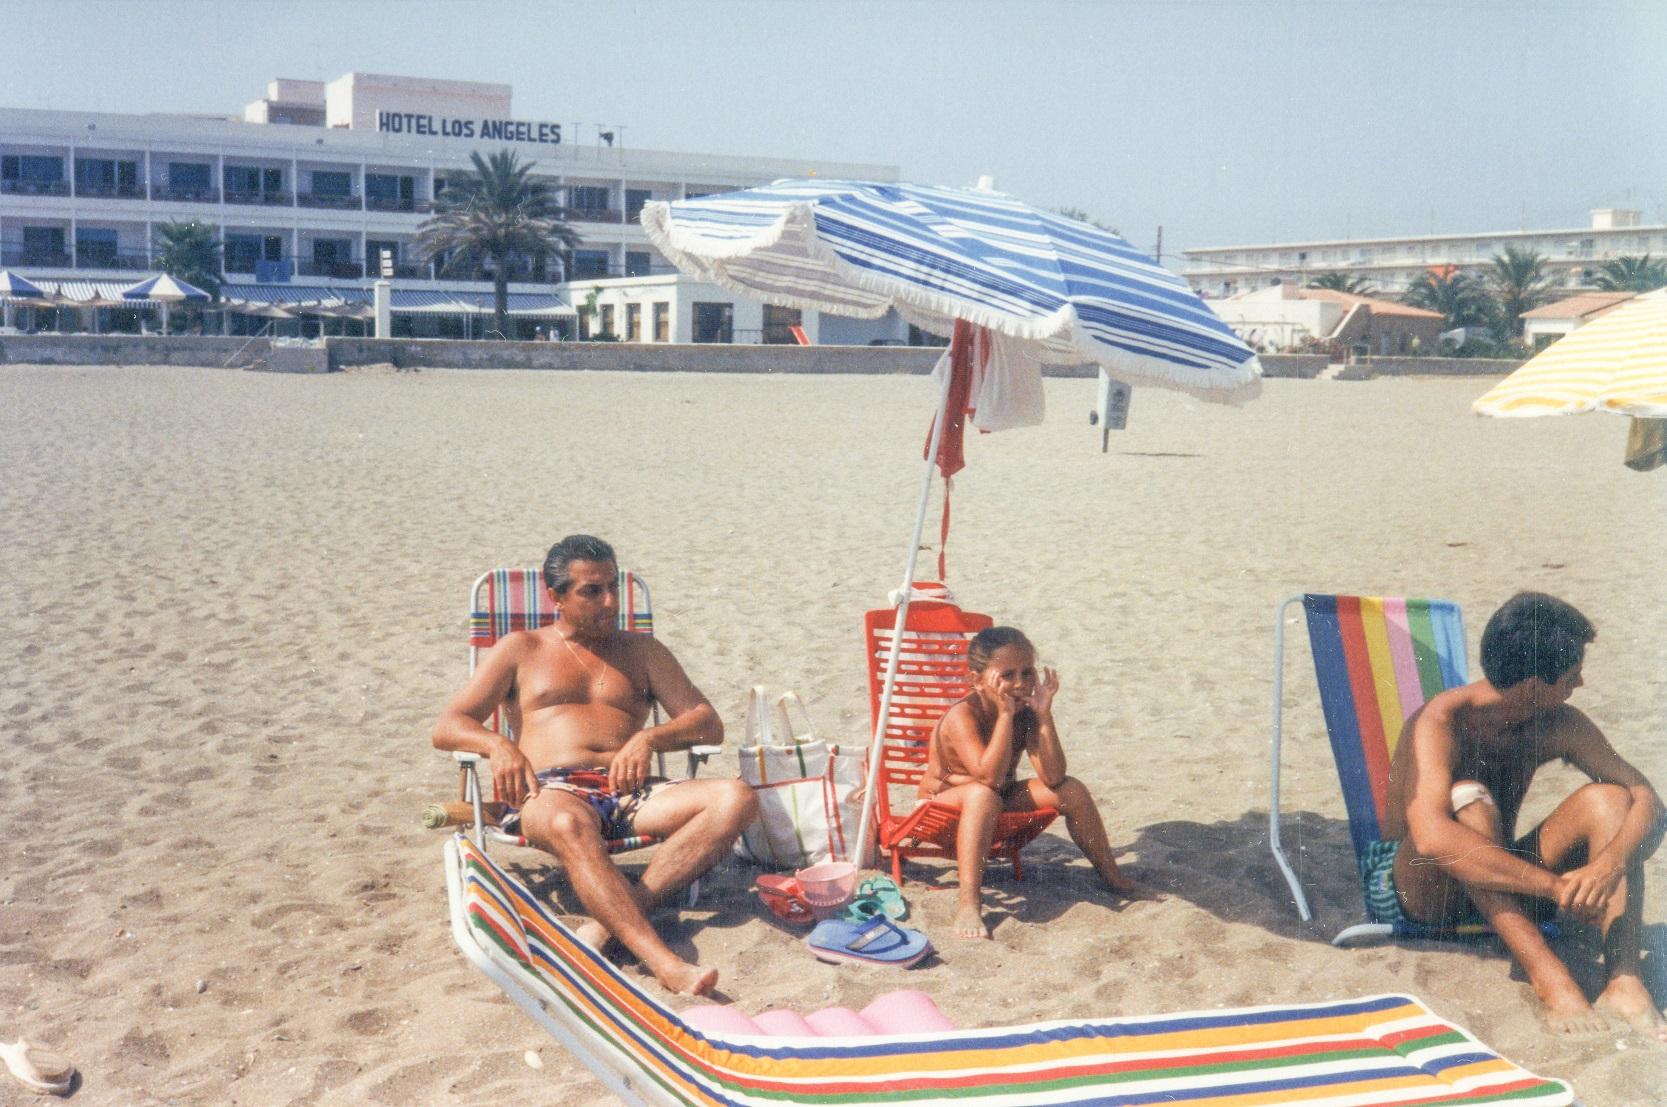 Jordá 1986 - Javier Jordá. El turismo alcoyano en el Hotel Los Ángeles